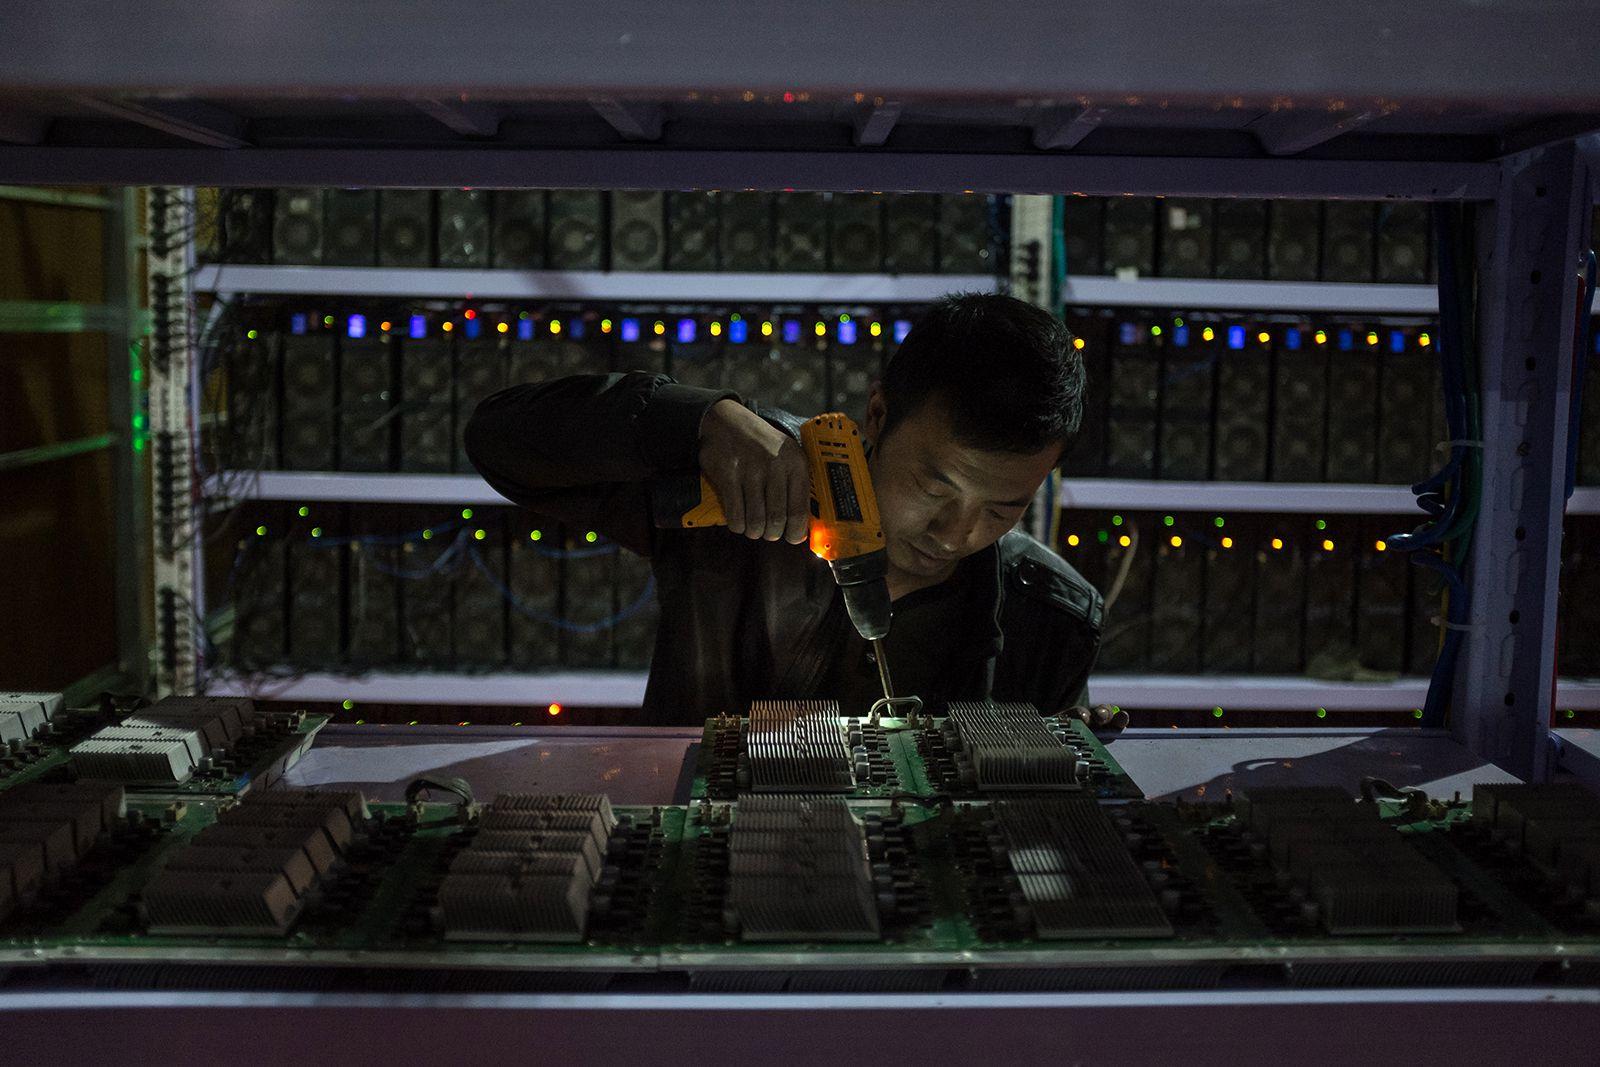 Работник собирает очередной блок оборудования.